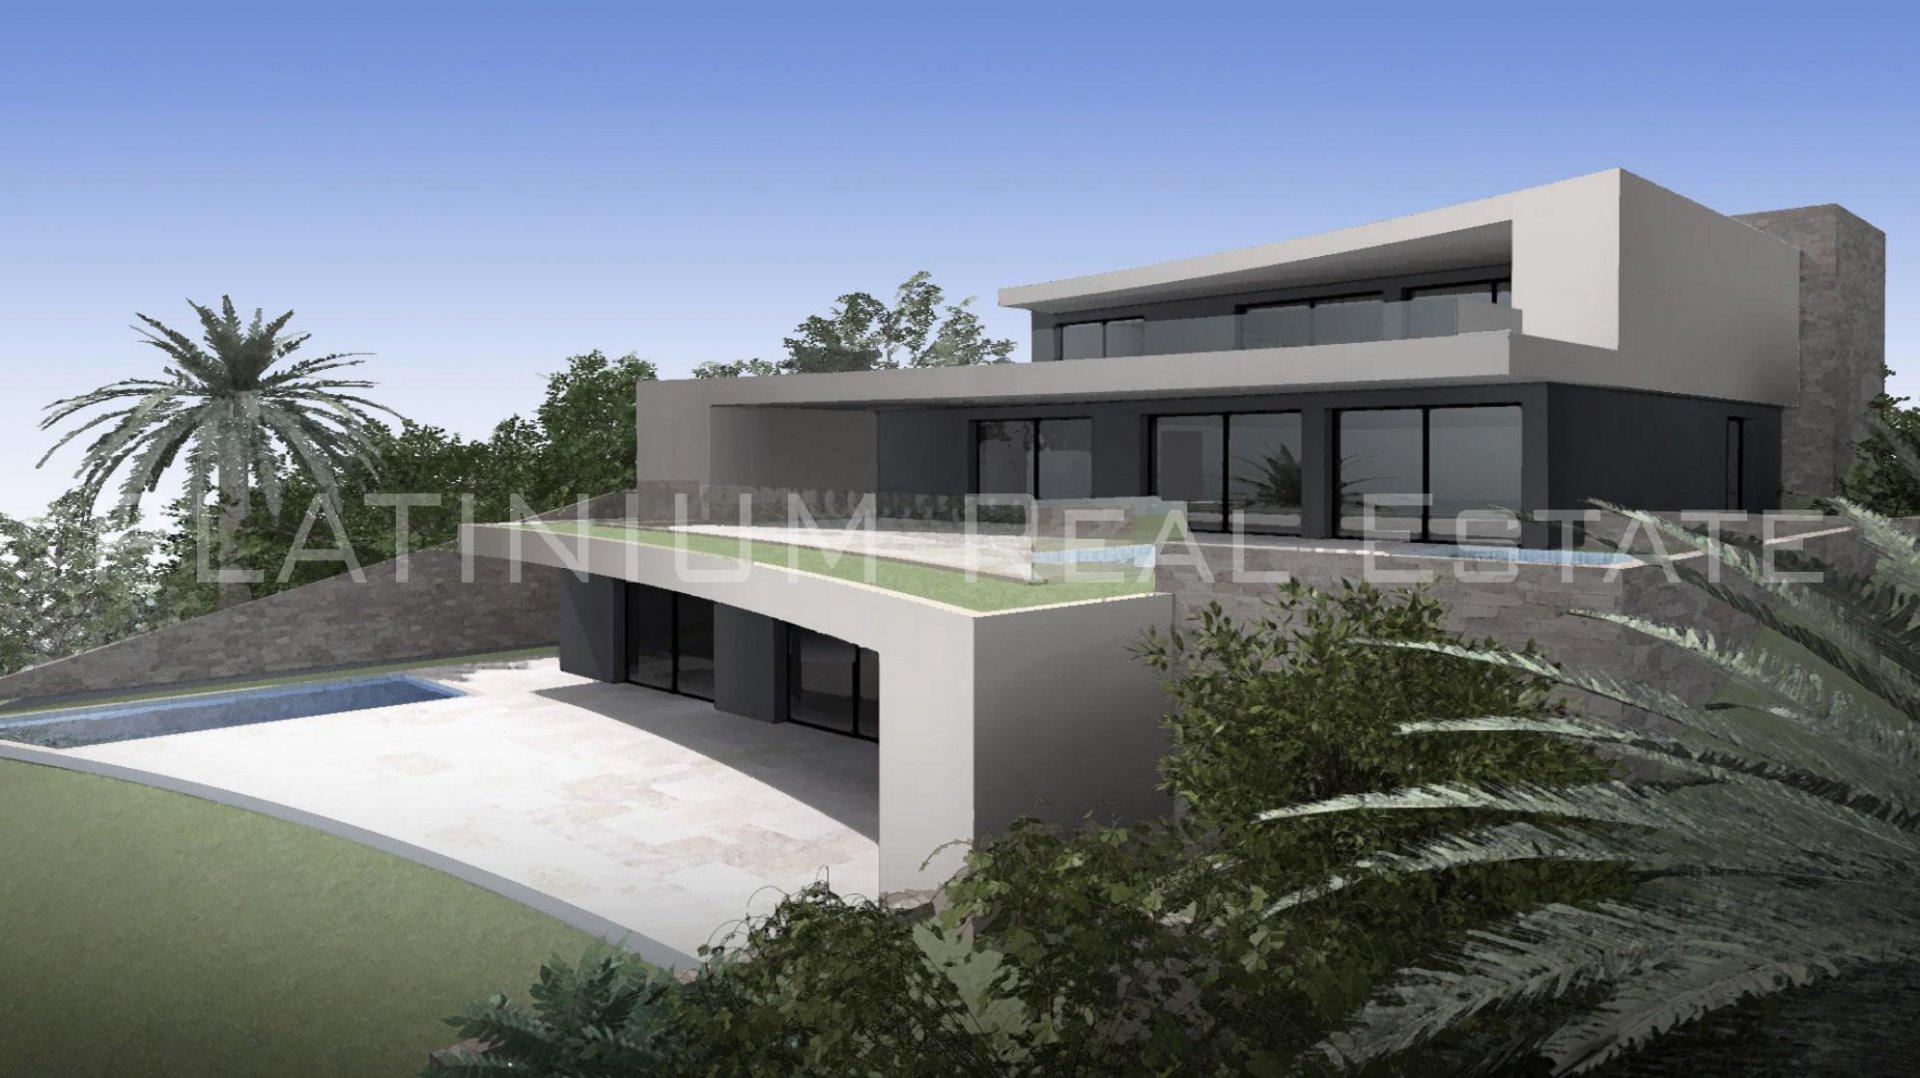 SAINT RAPHAEL - 4 / 5P 200m² + 115m² Terrace | Private Pool | GARAGE